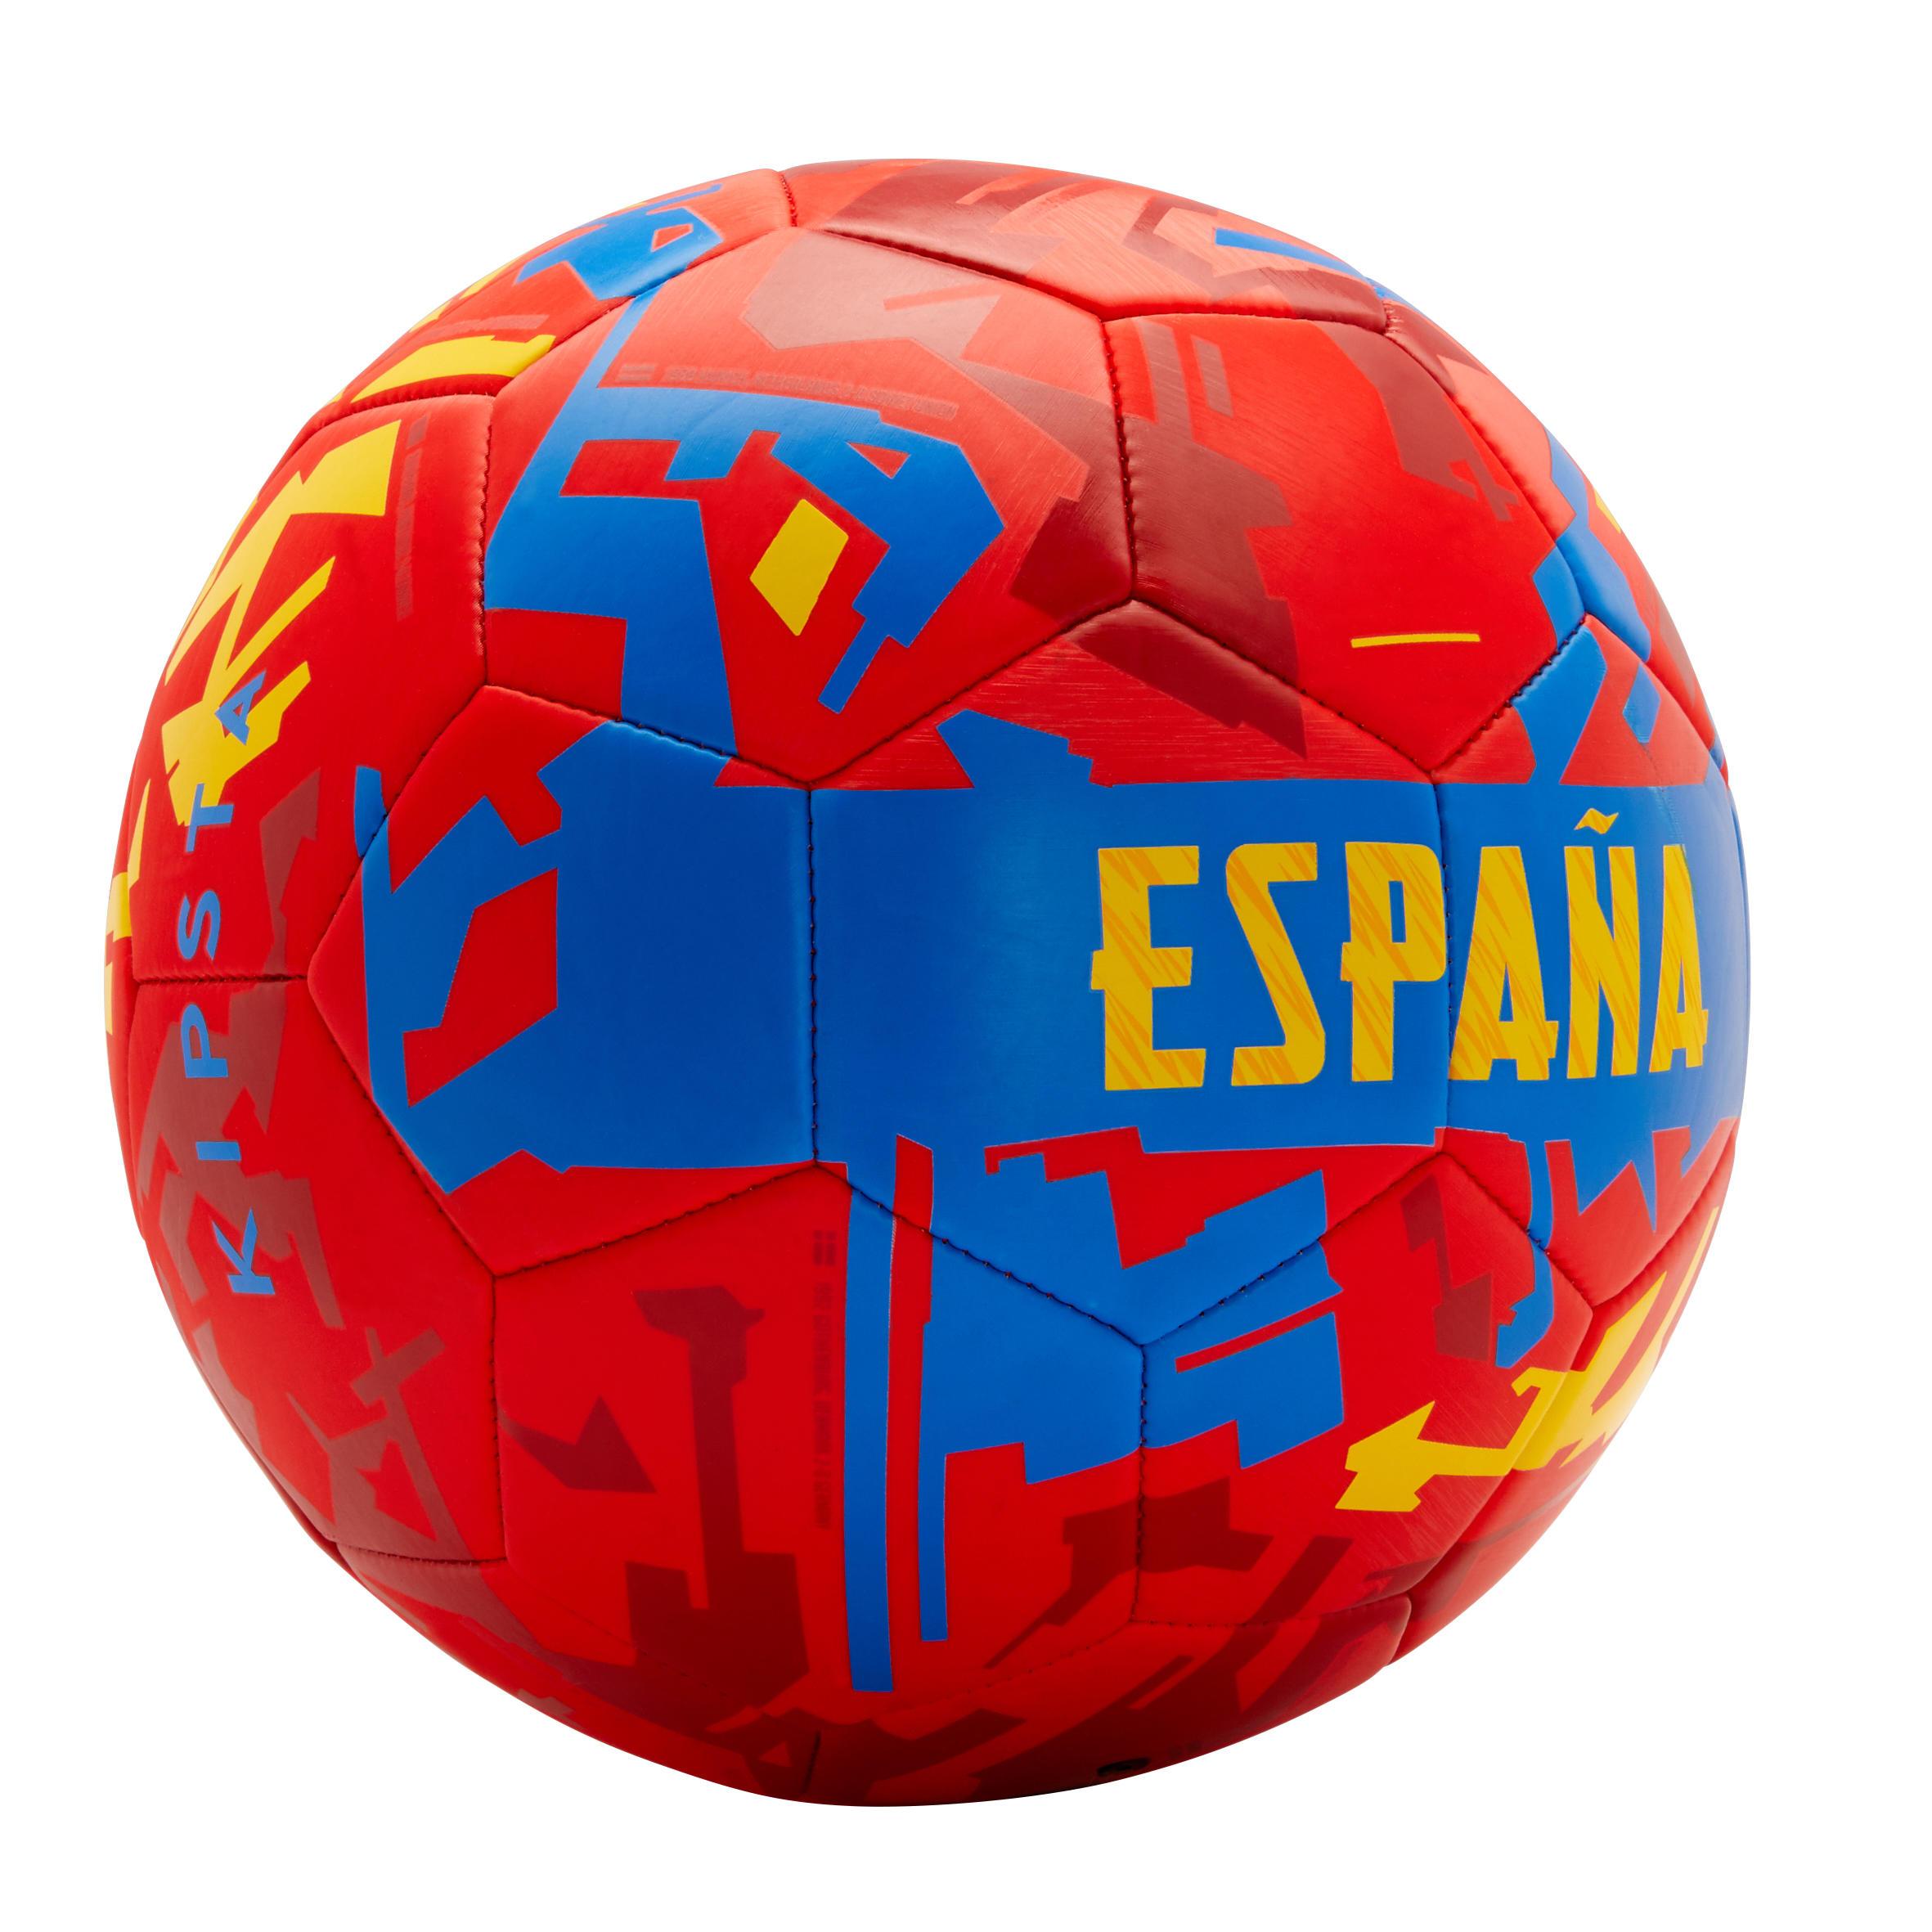 Minge Spania 2020 M5 la Reducere poza